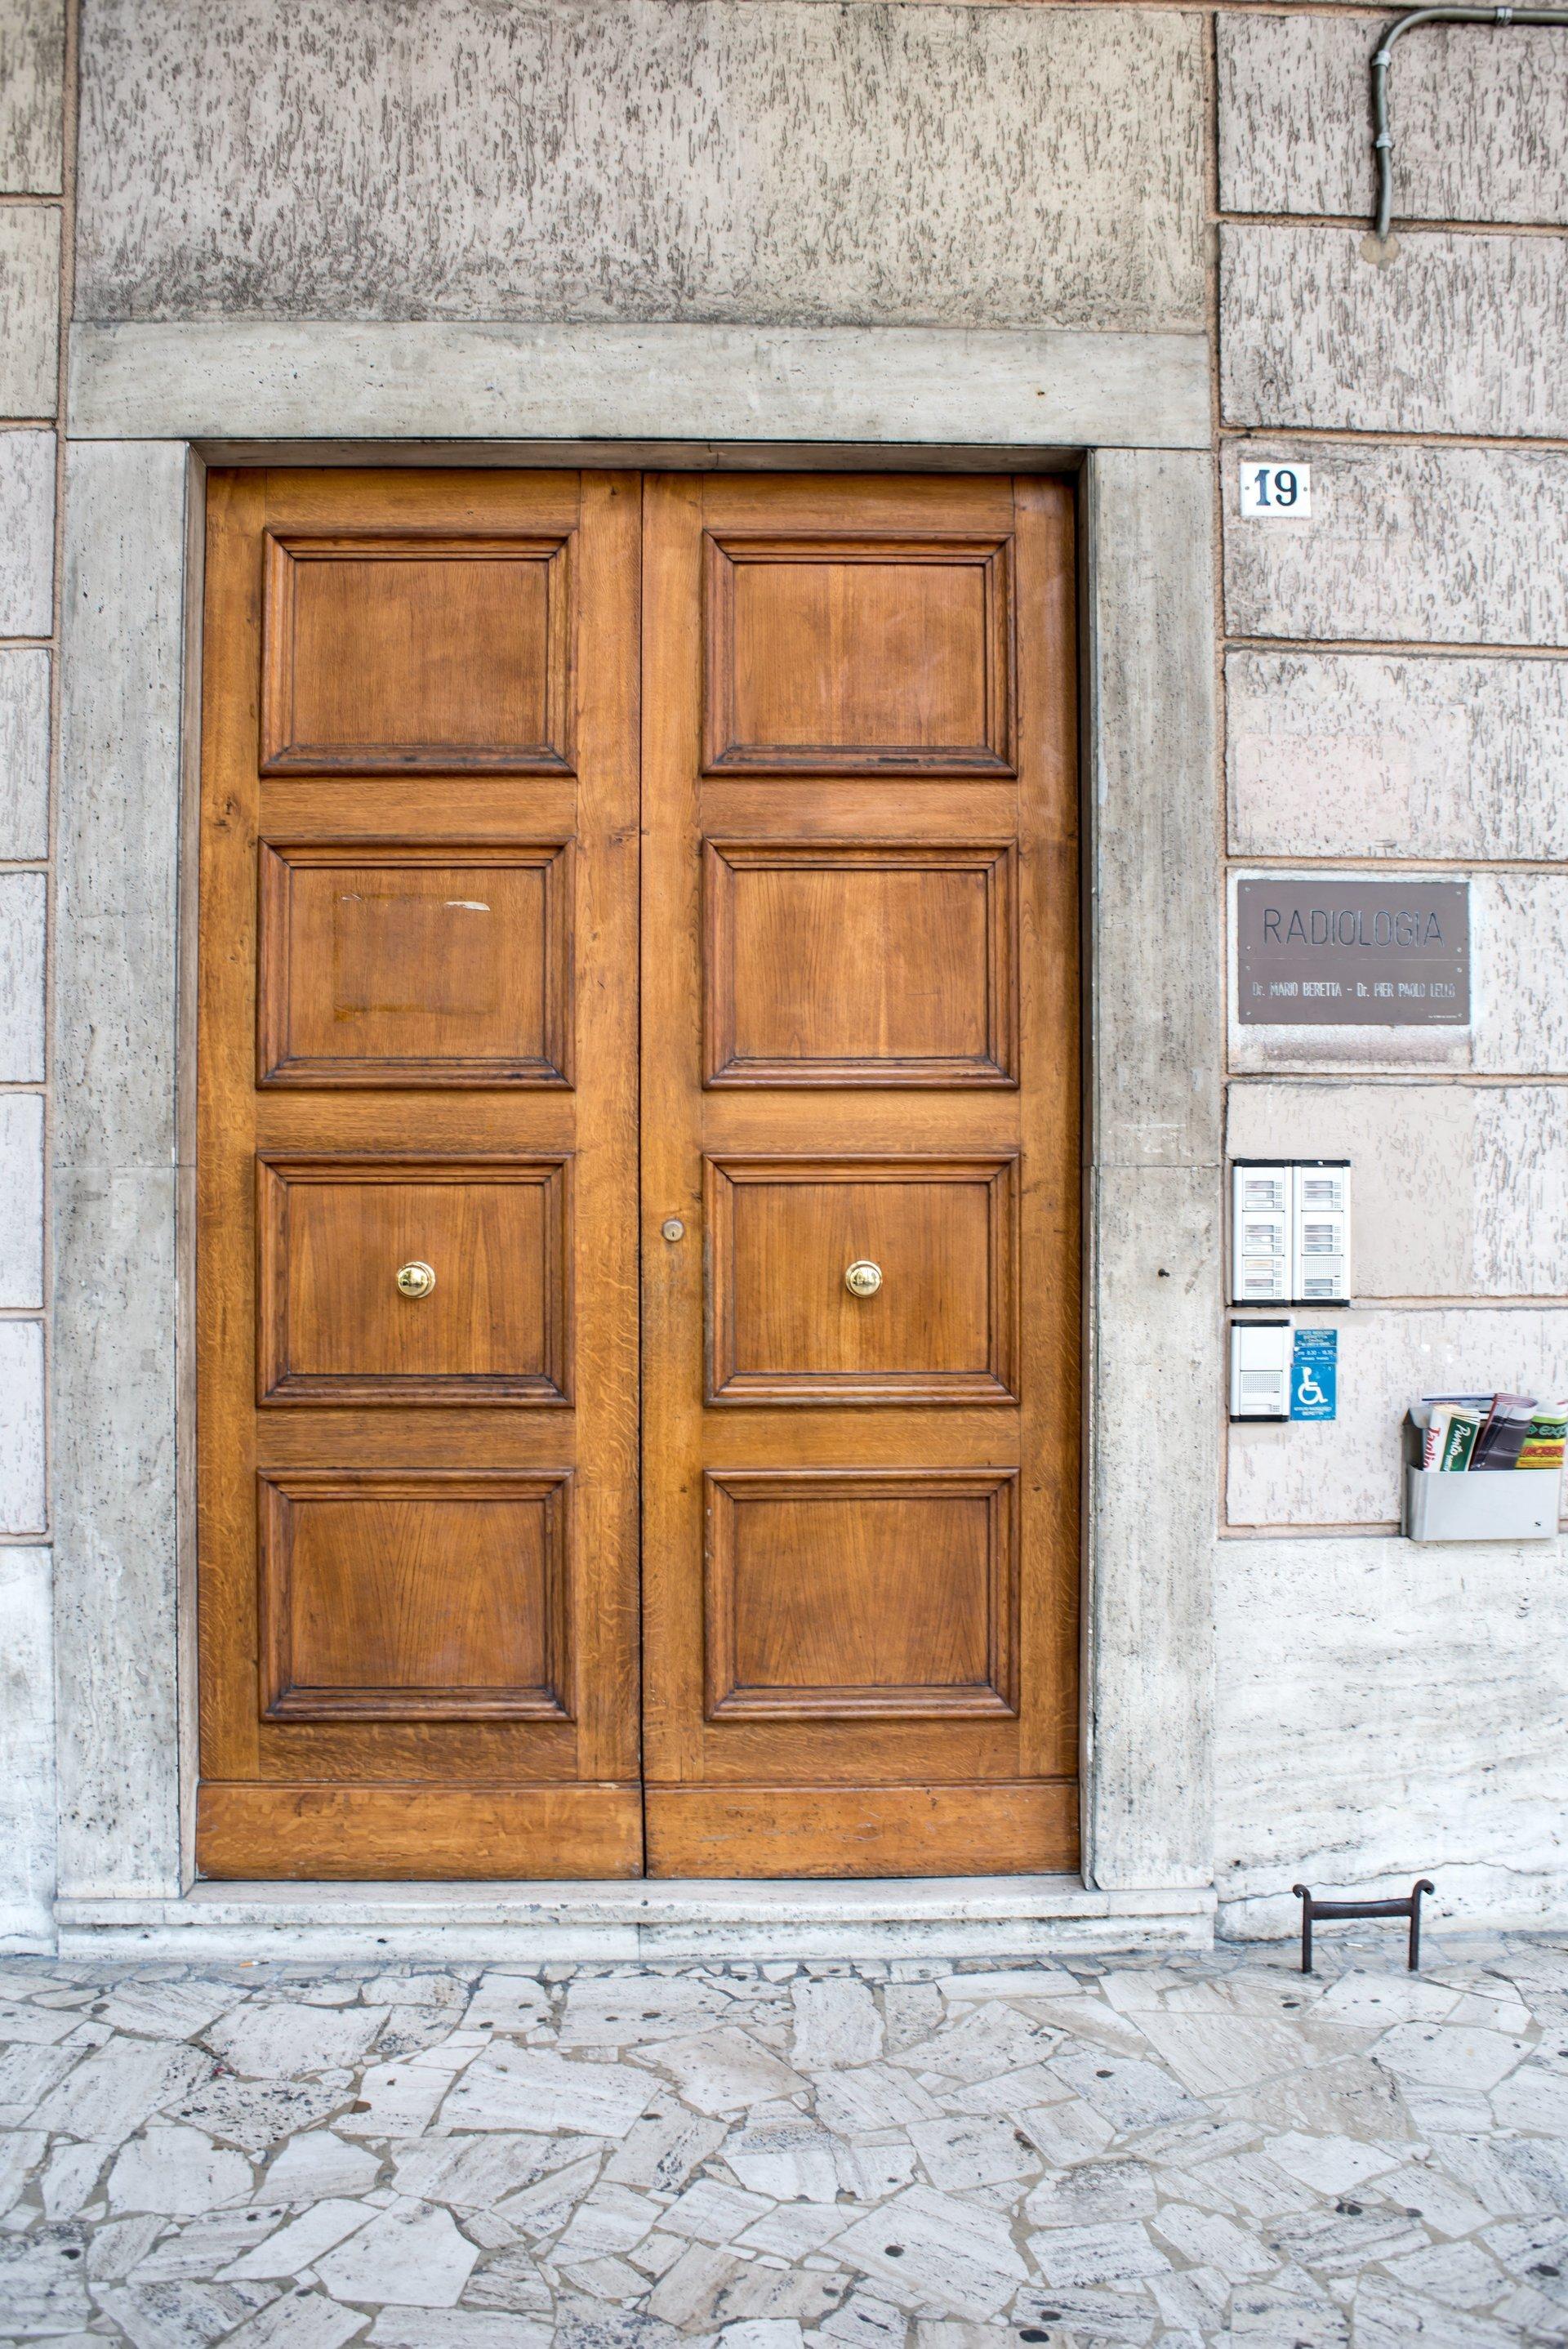 istituto radiologico beretta - ingresso